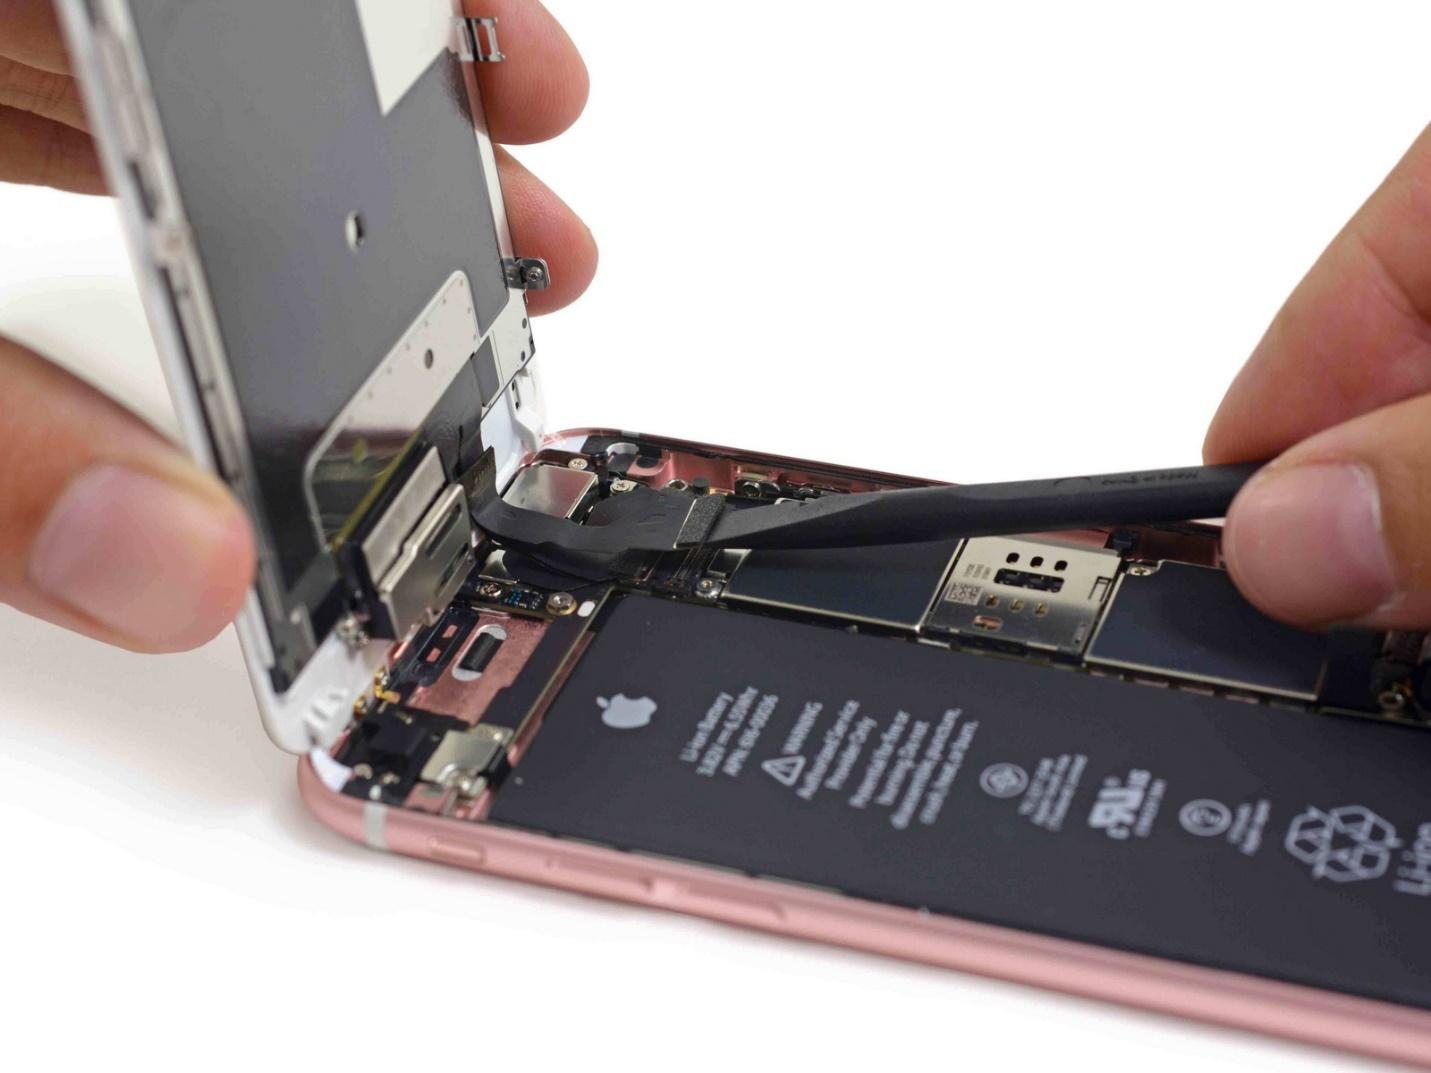 Ремонт iPhone 6s: как найти грамотного мастера и что он должен уметь | it – блог glazdik'a & co.